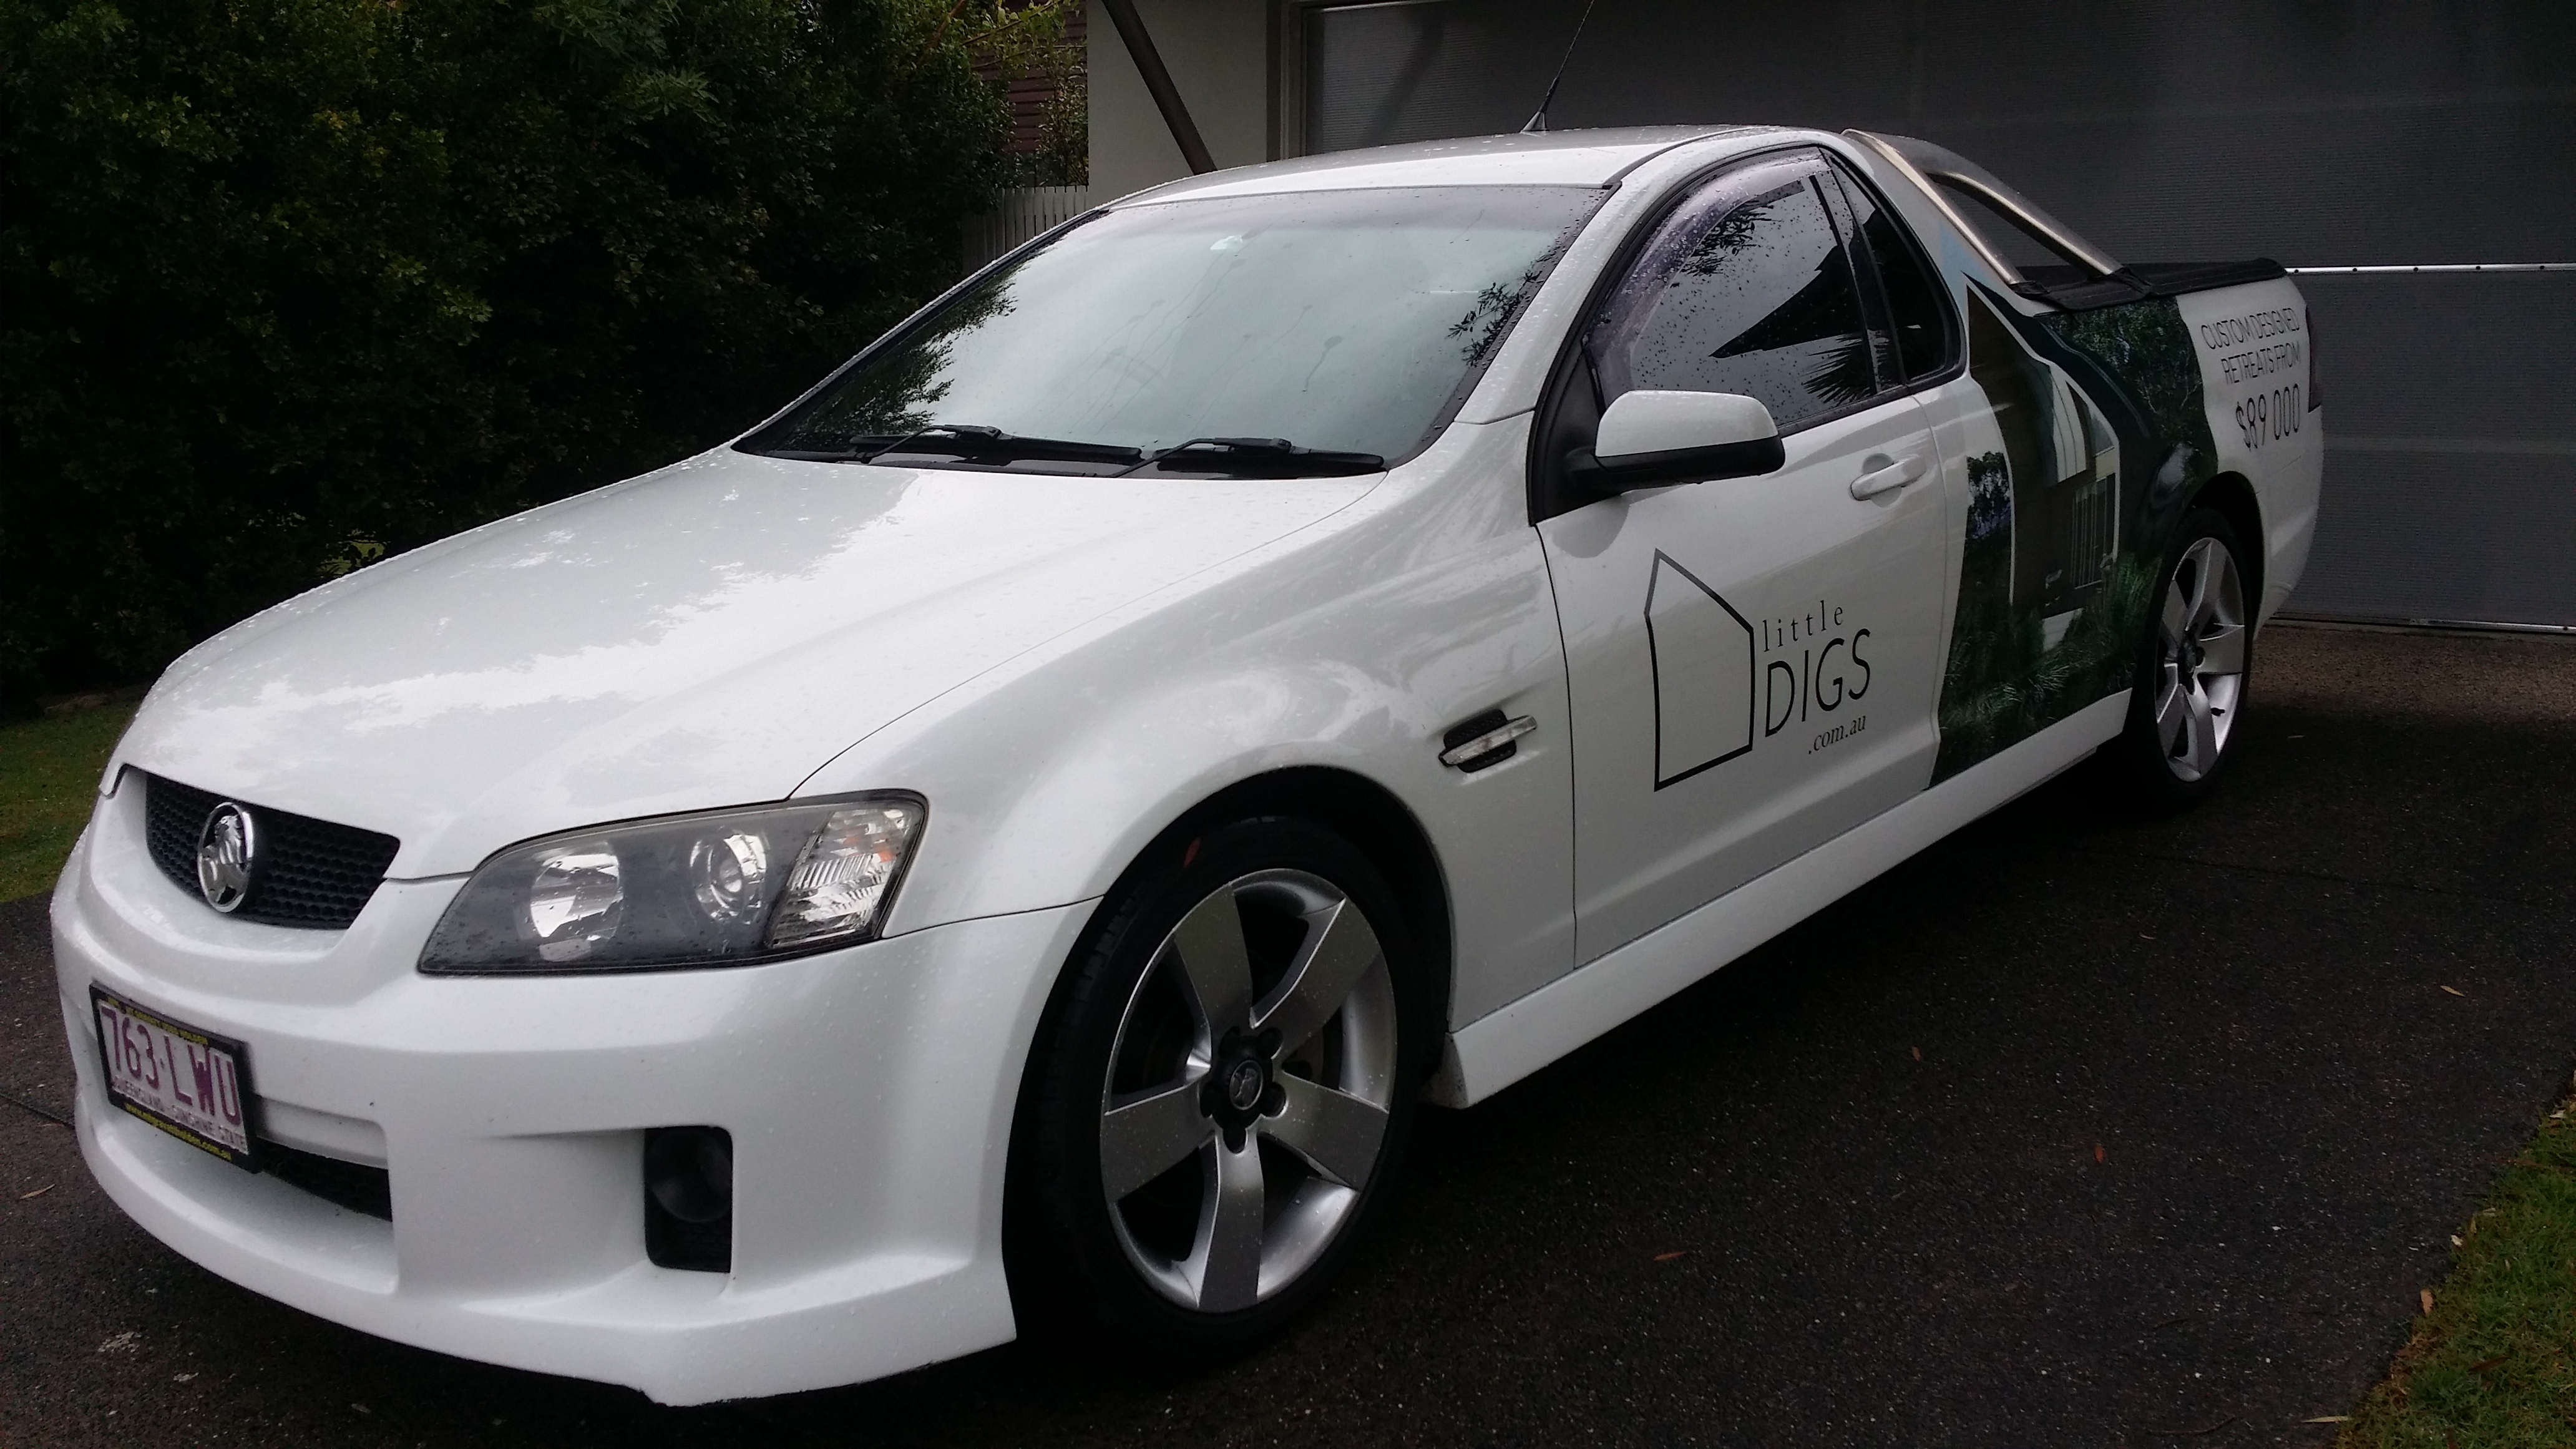 Car Wrap Cost >> Half Vehicle Wraps – mudjimba sunshine coast qld   Linehouse Graphics